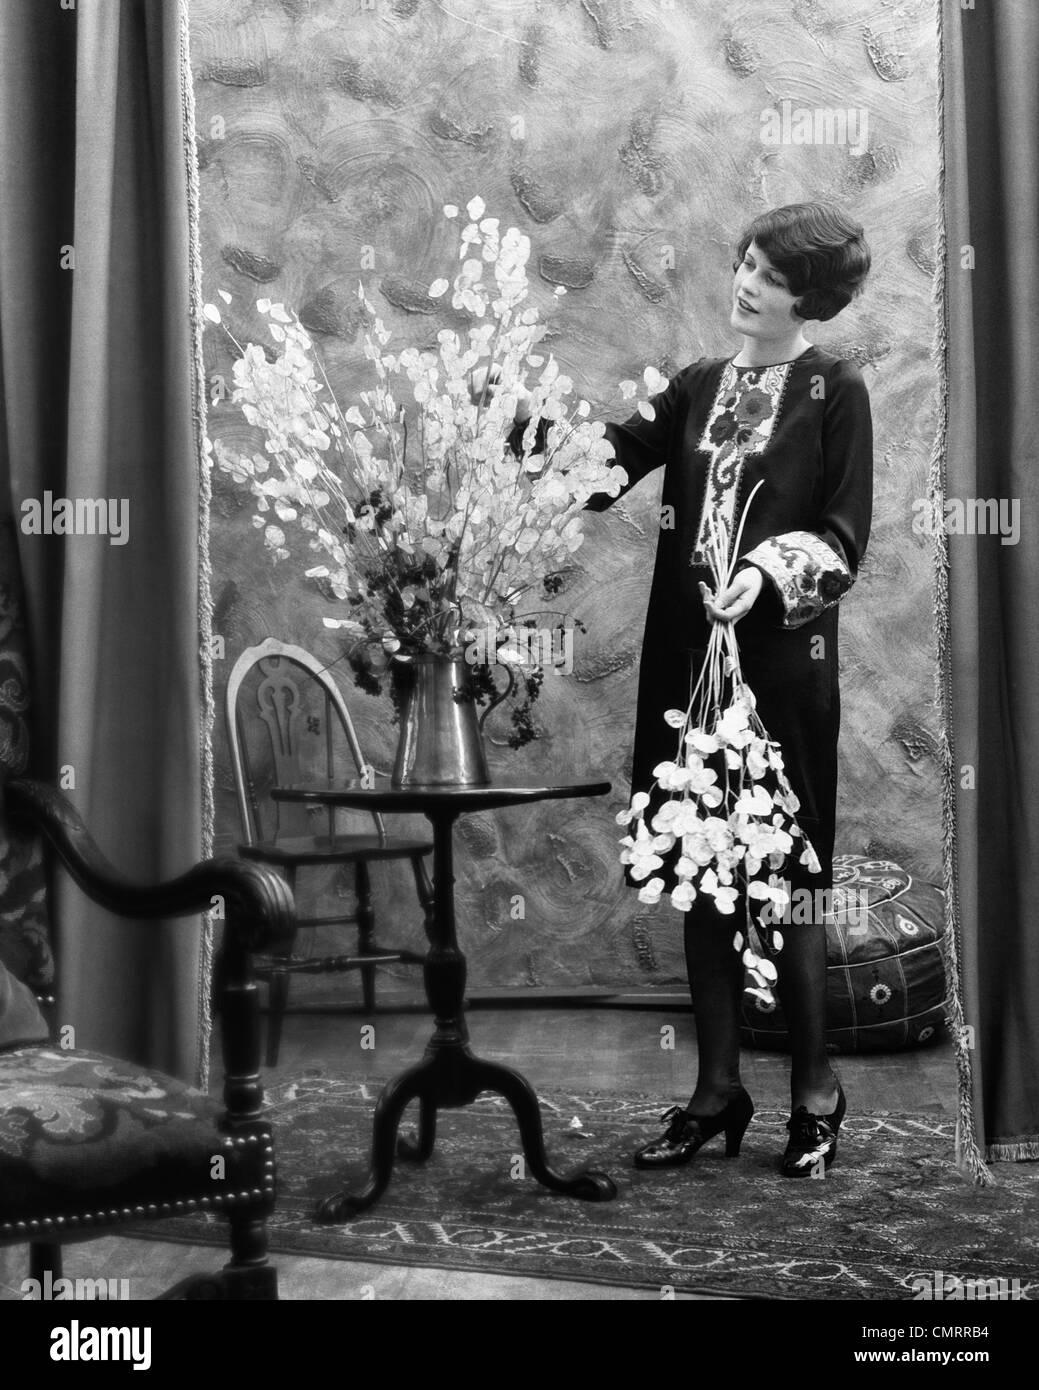 1920ER JAHREN FRAU ARRANGIEREN BLUMEN IN ALUMINIUM KRUG Stockbild